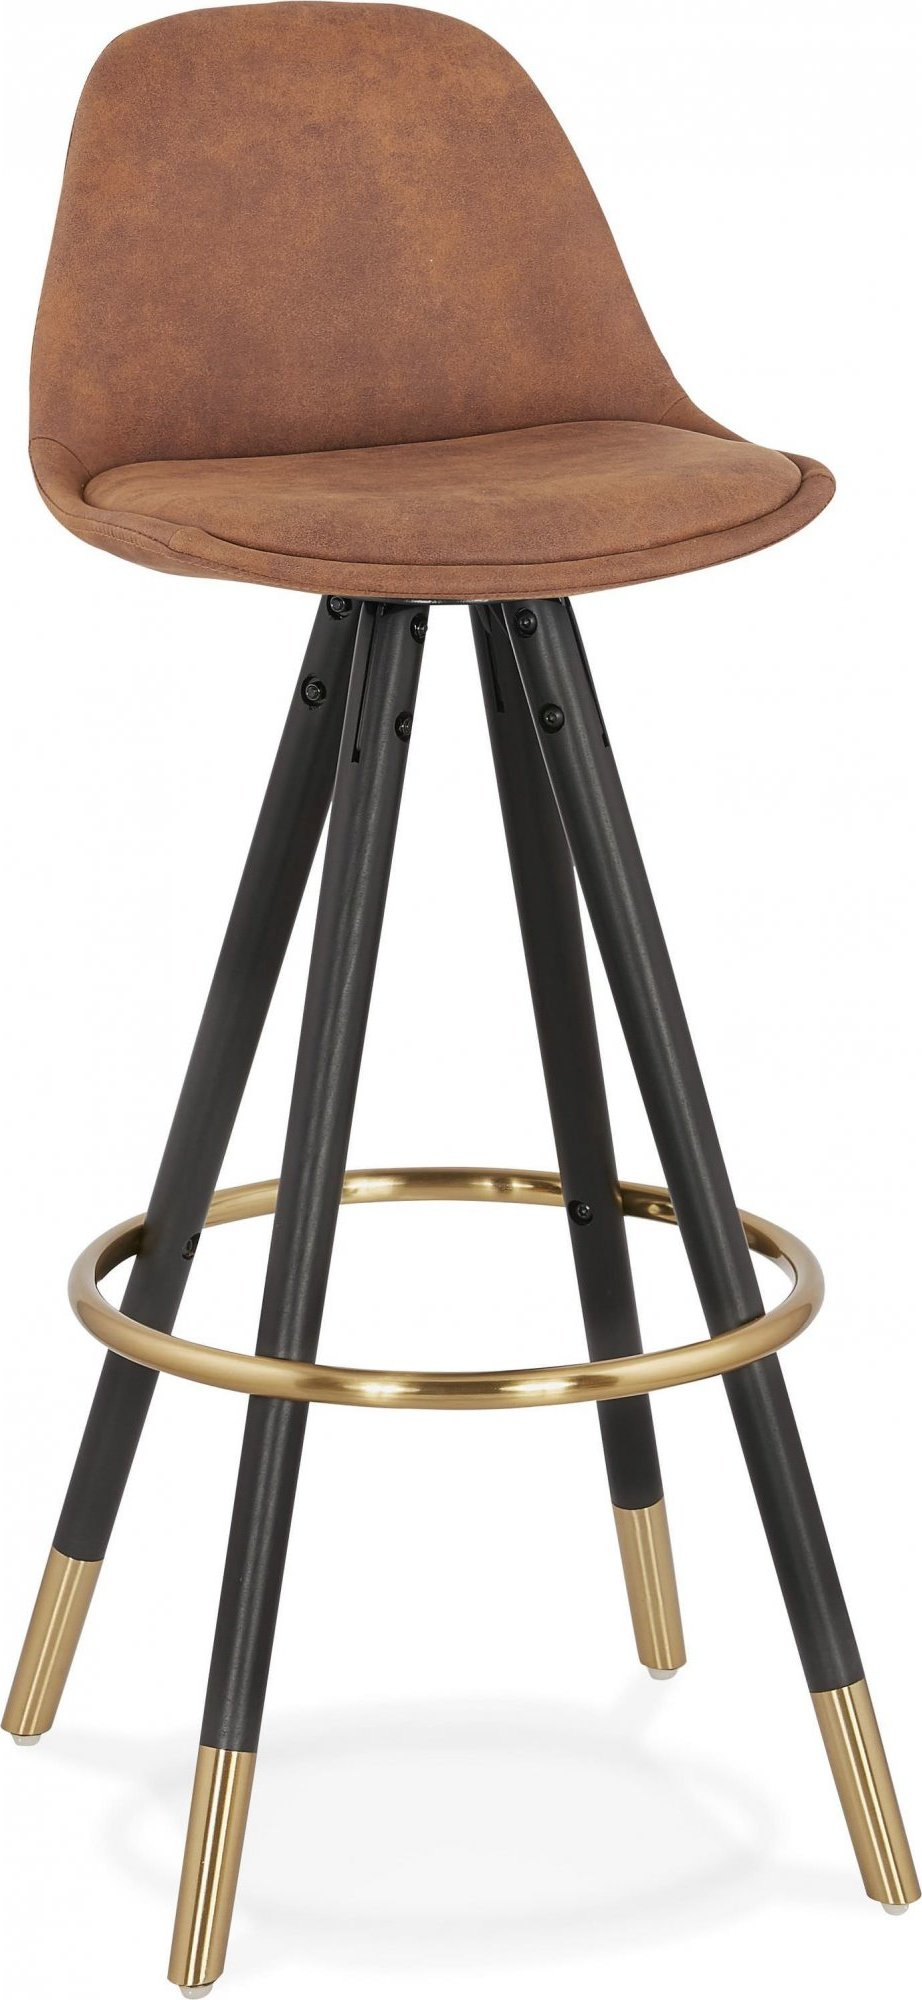 Tabouret de bar scandinave rembourrée velours marron